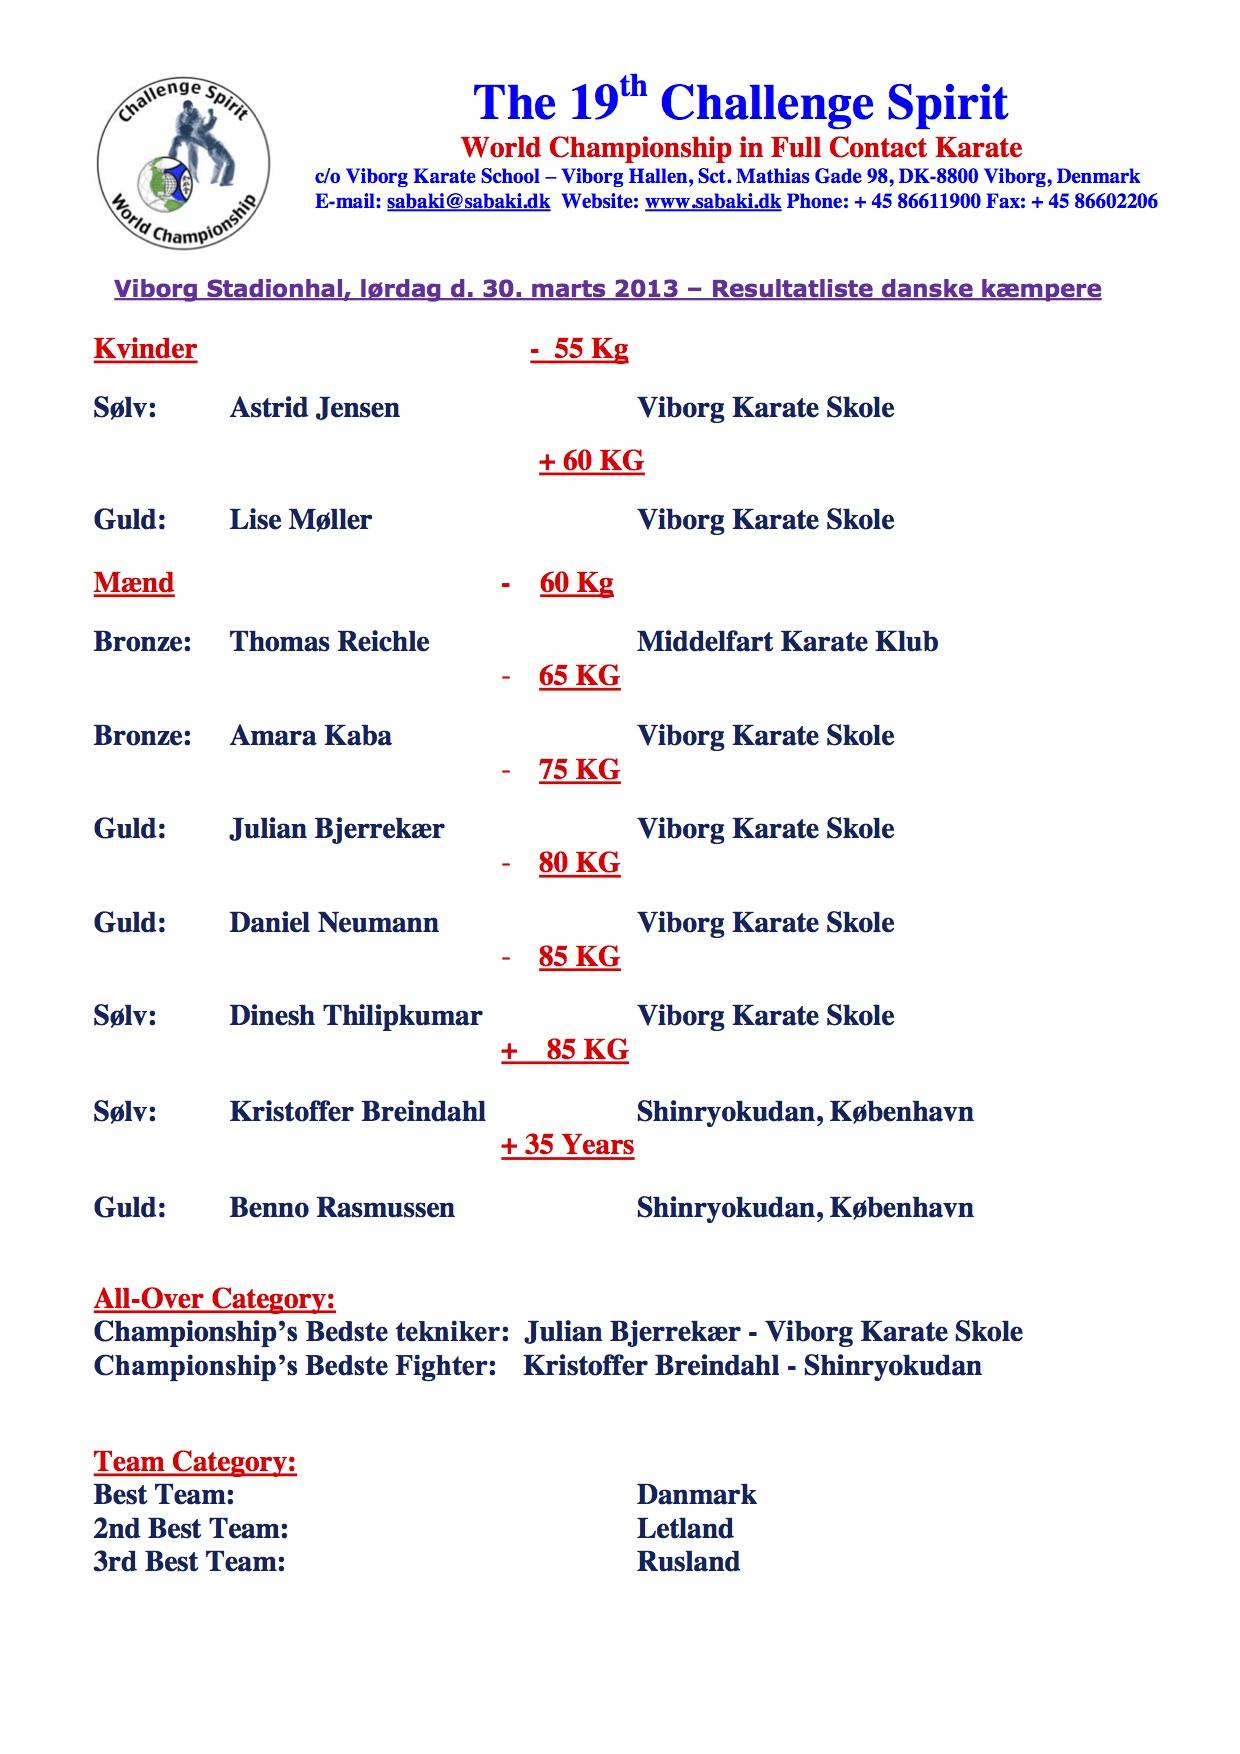 19th SCS 2013 Resultatliste Danmark